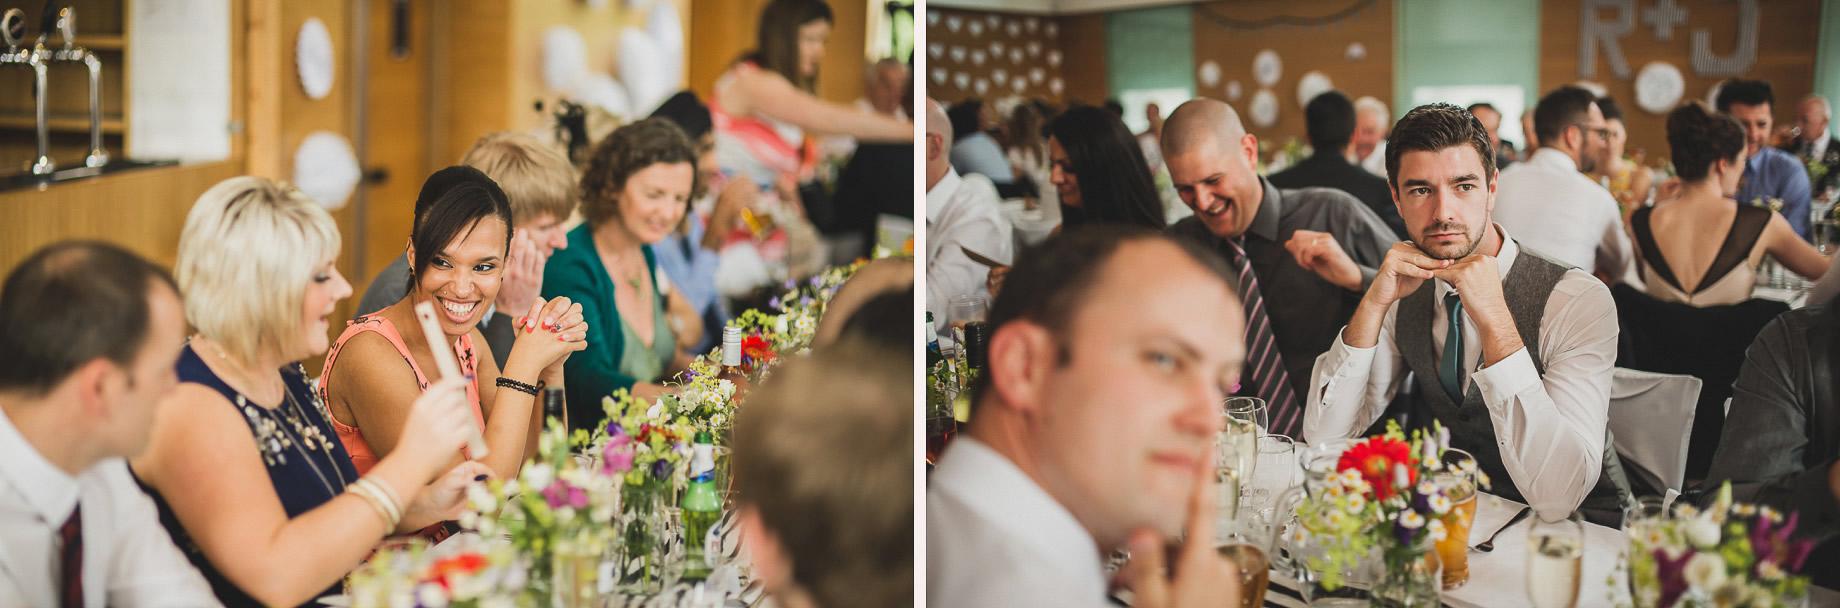 Becky and John's Wedding at Slaidburn Village Hall 138